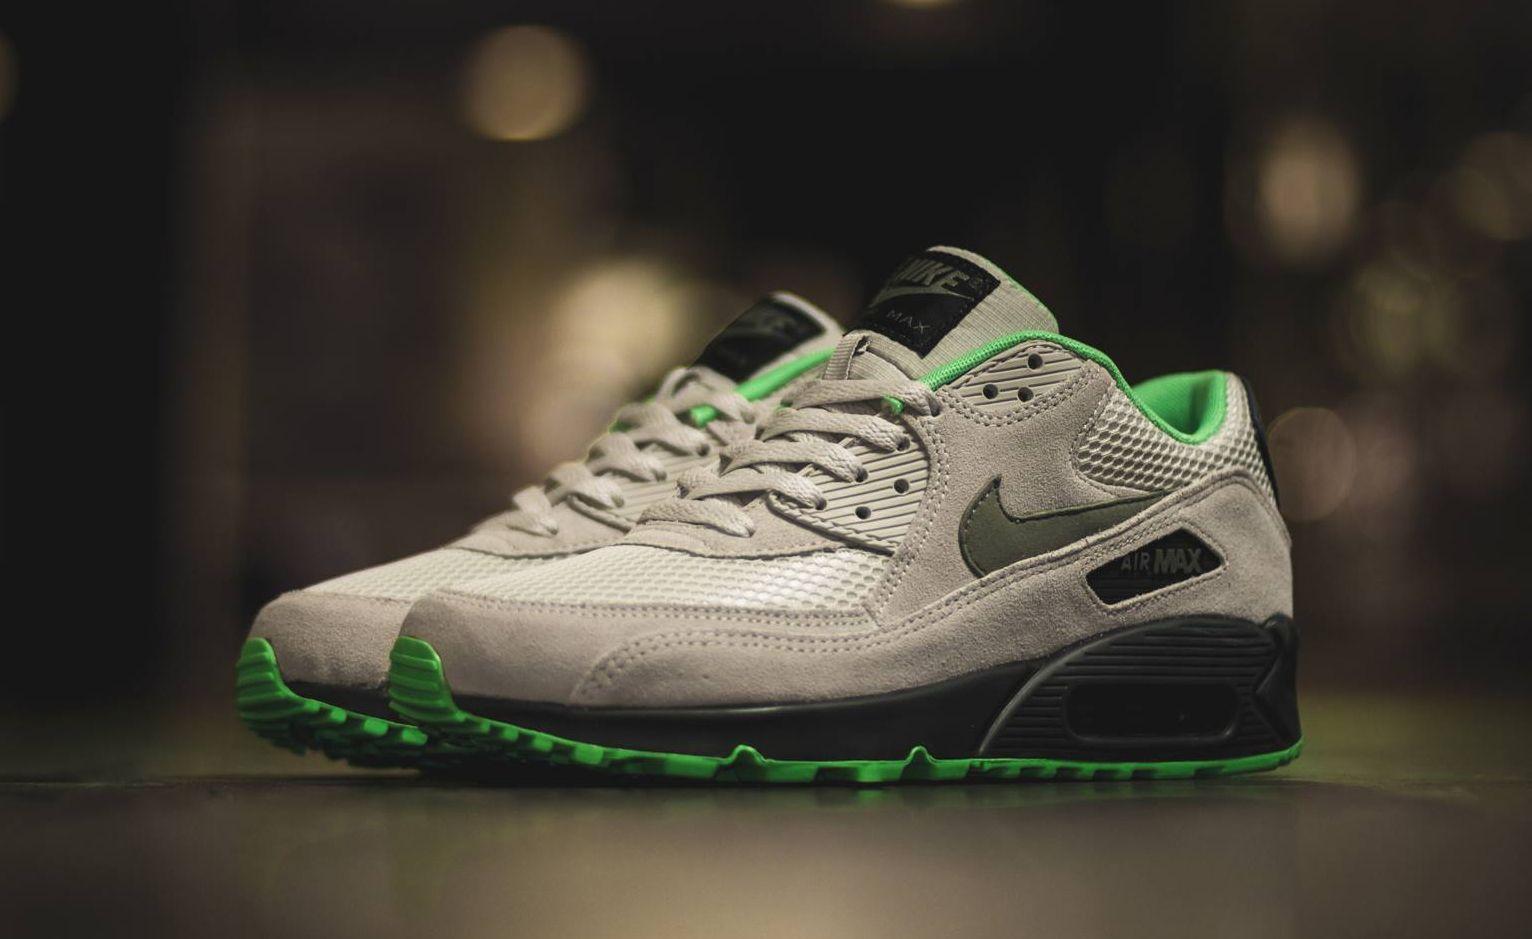 nike air max 90 green sole